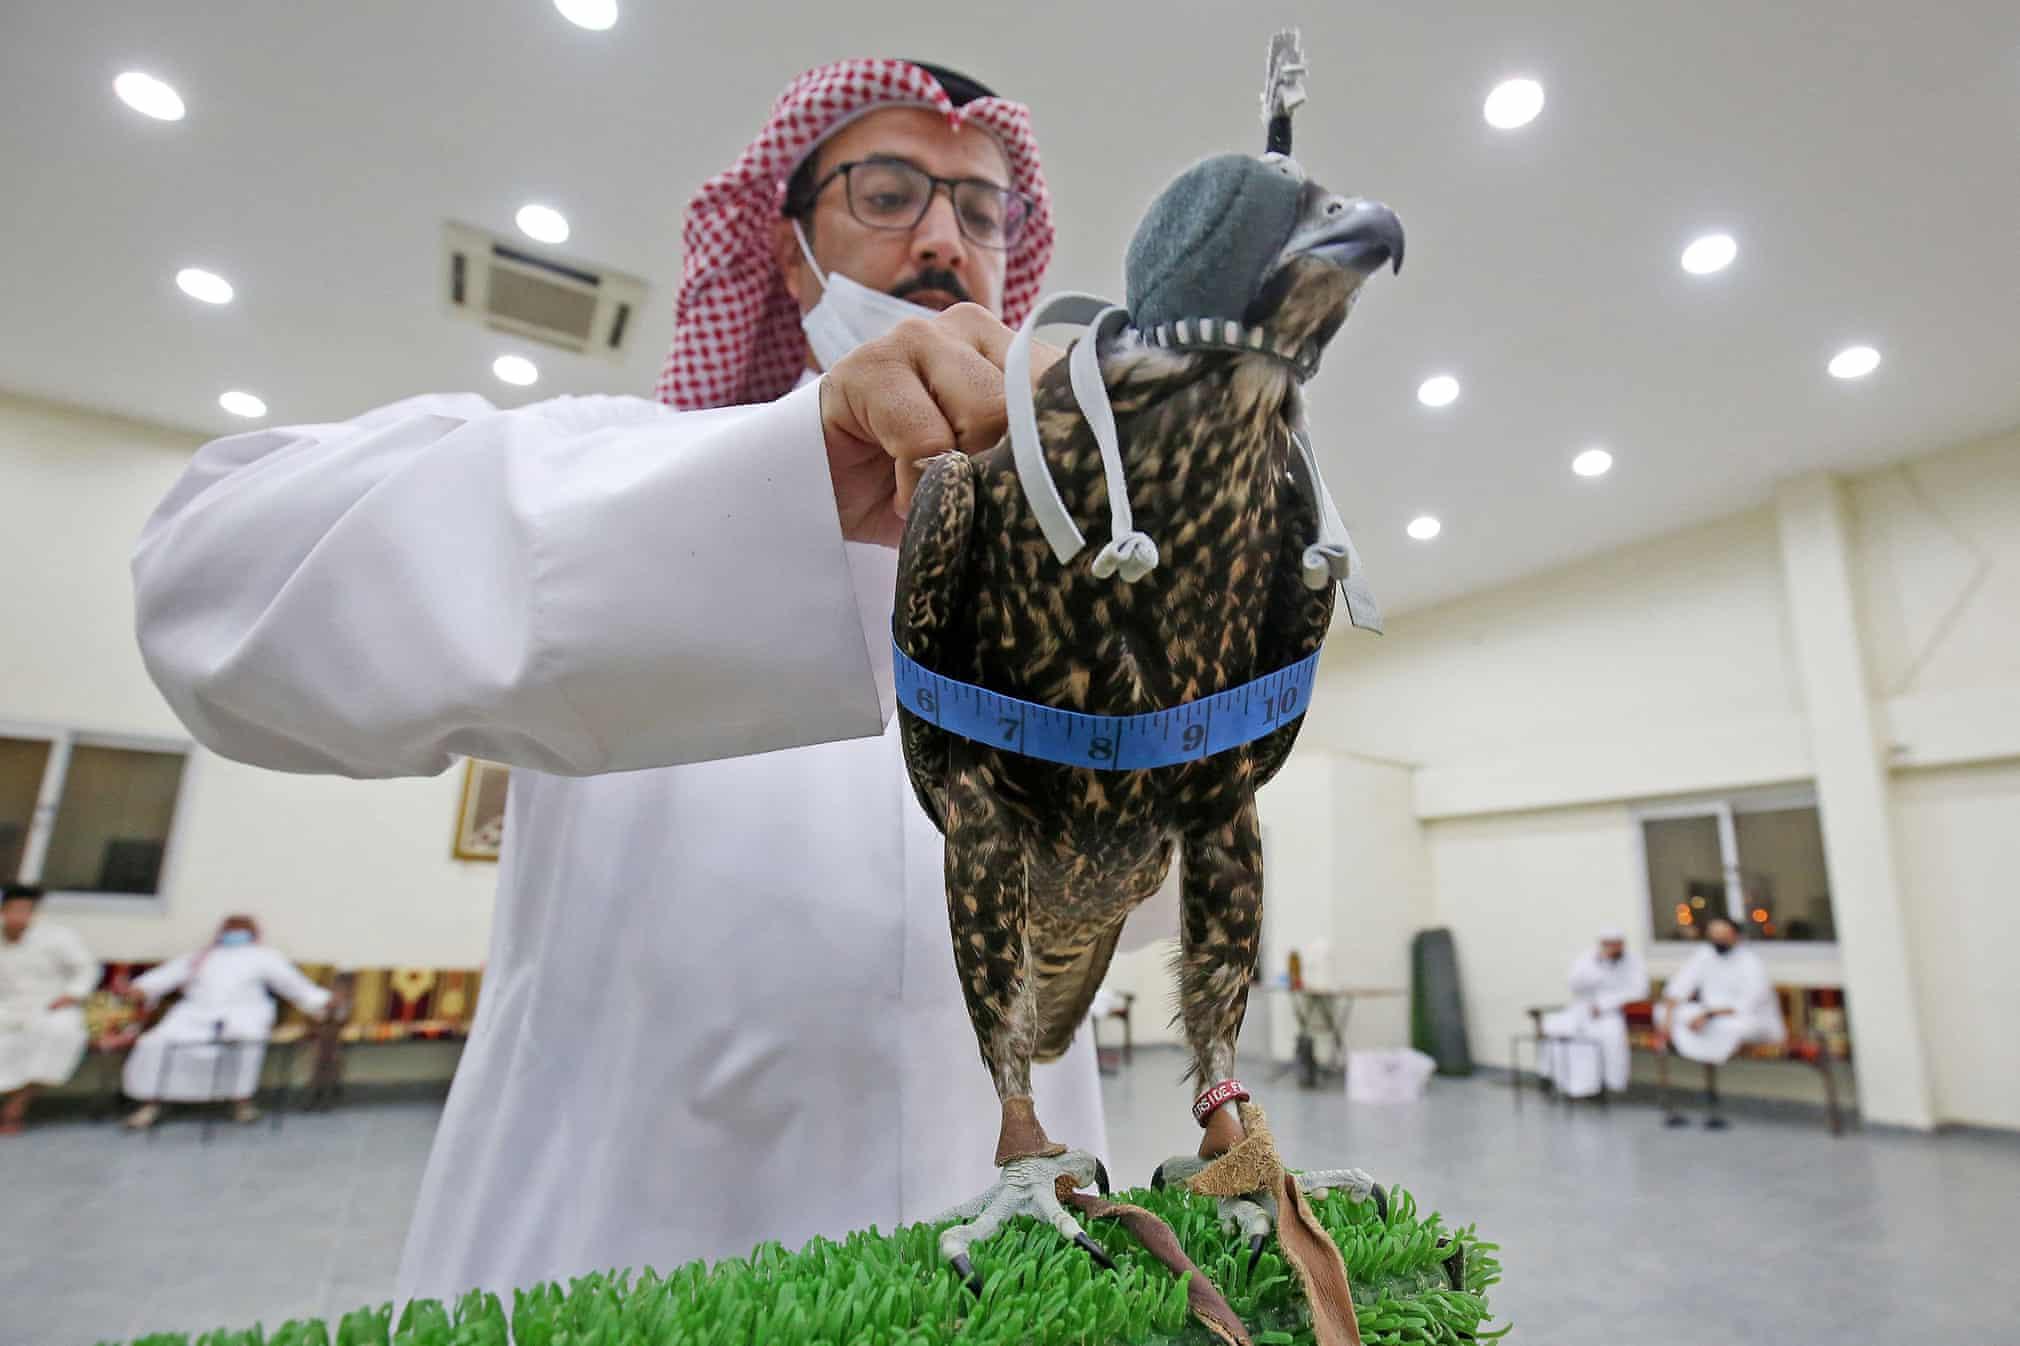 مشتری خرید شاهین در حراجی کویت + عکس